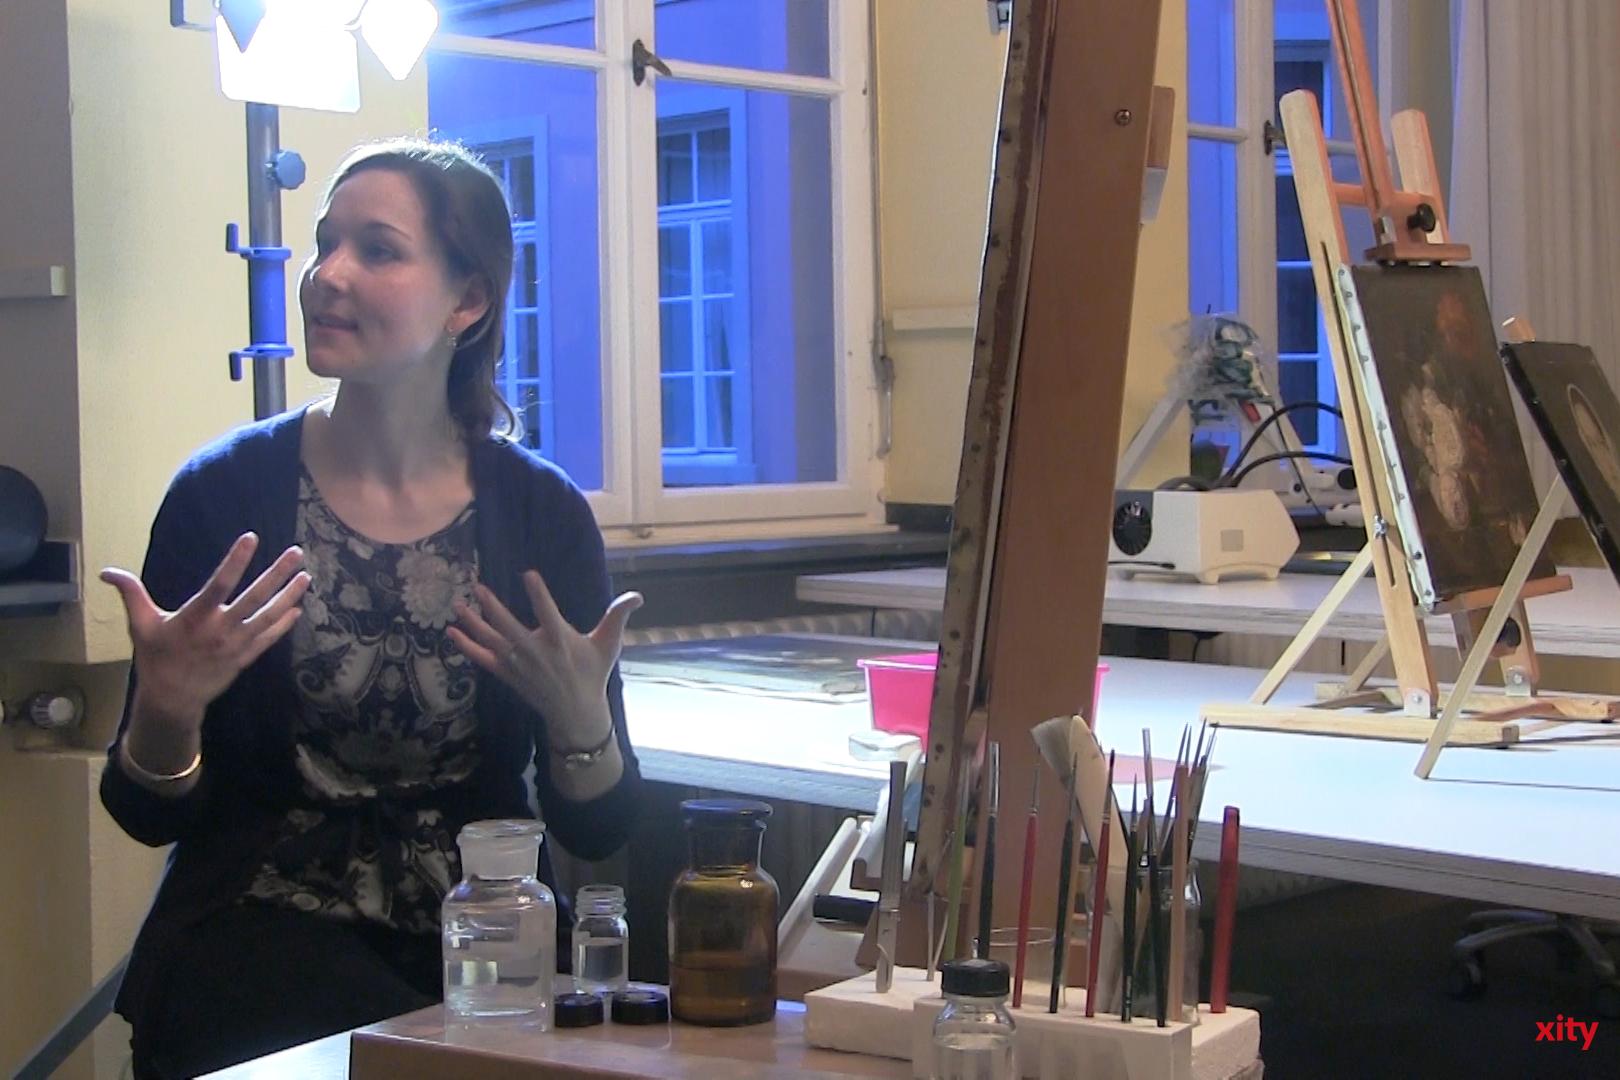 Das Rahmenmuseum Conzen gab den Besuchern die Möglichkeit, einer Restauratorin über die Schulter zu blicken (Foto: xity)